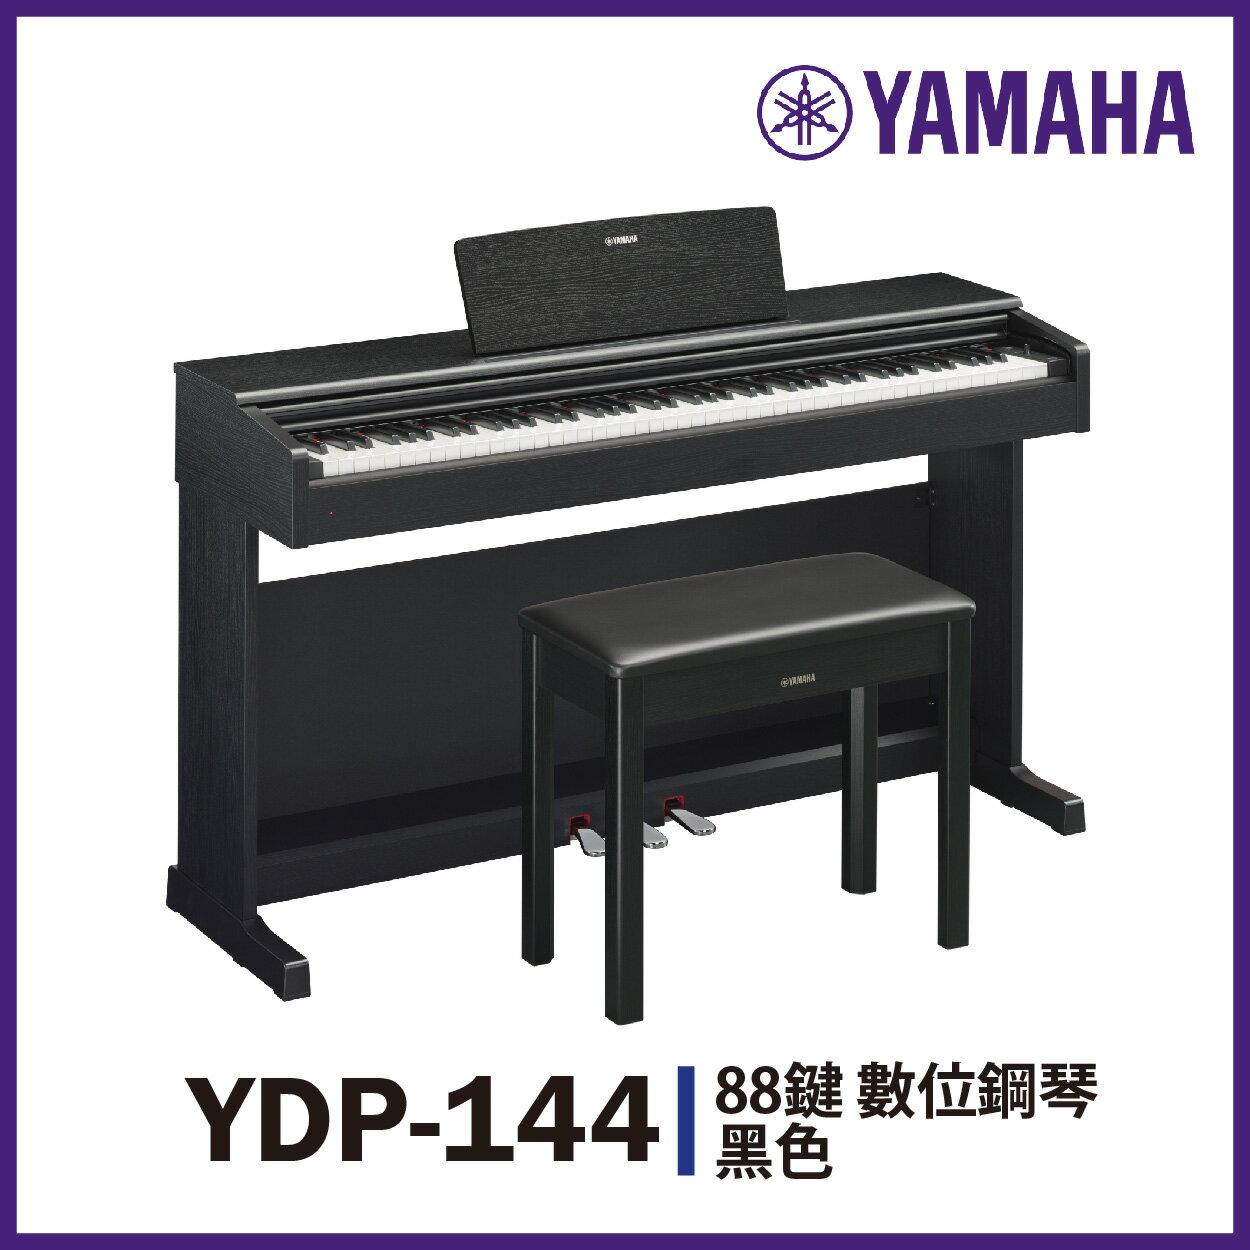 【非凡樂器】YAMAHA YDP-144 88鍵數位鋼琴/含琴椅、琴架/公司貨保固/黑色